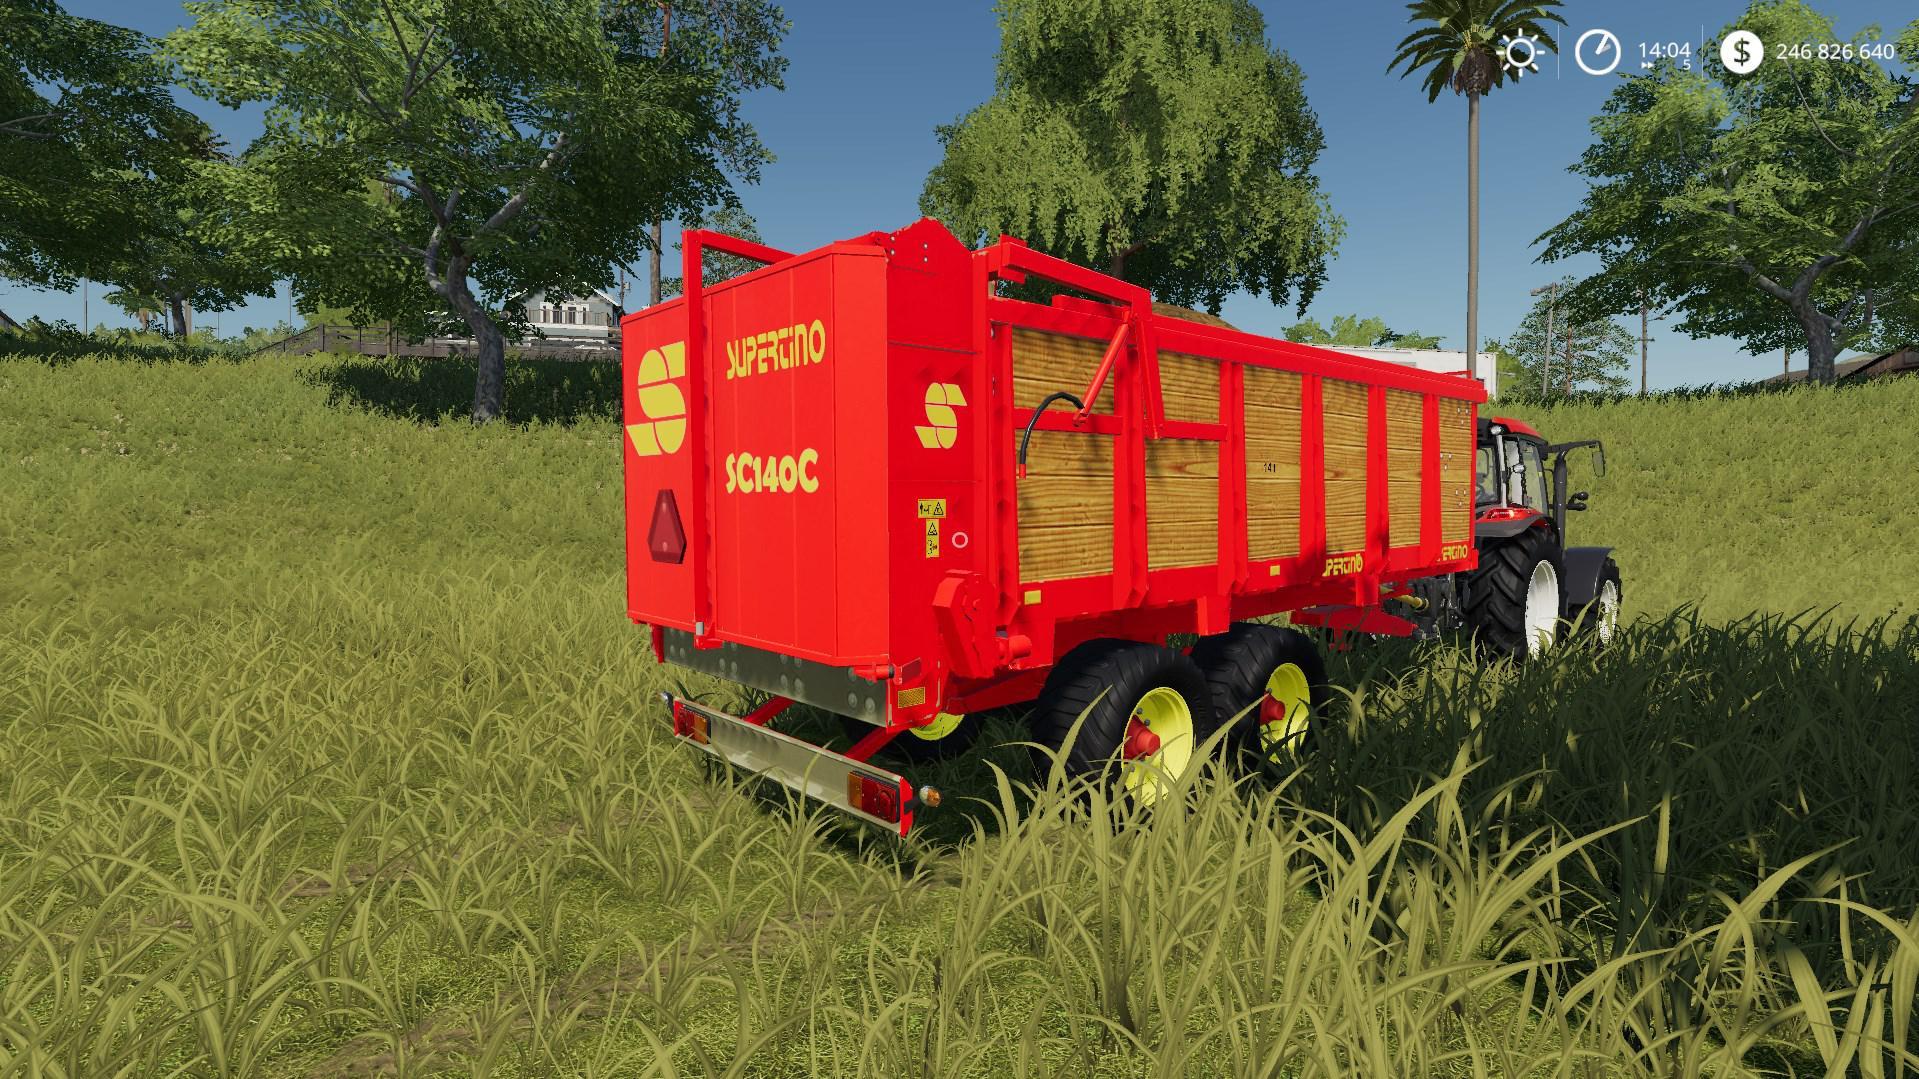 Supertino SC 140C v 1.0